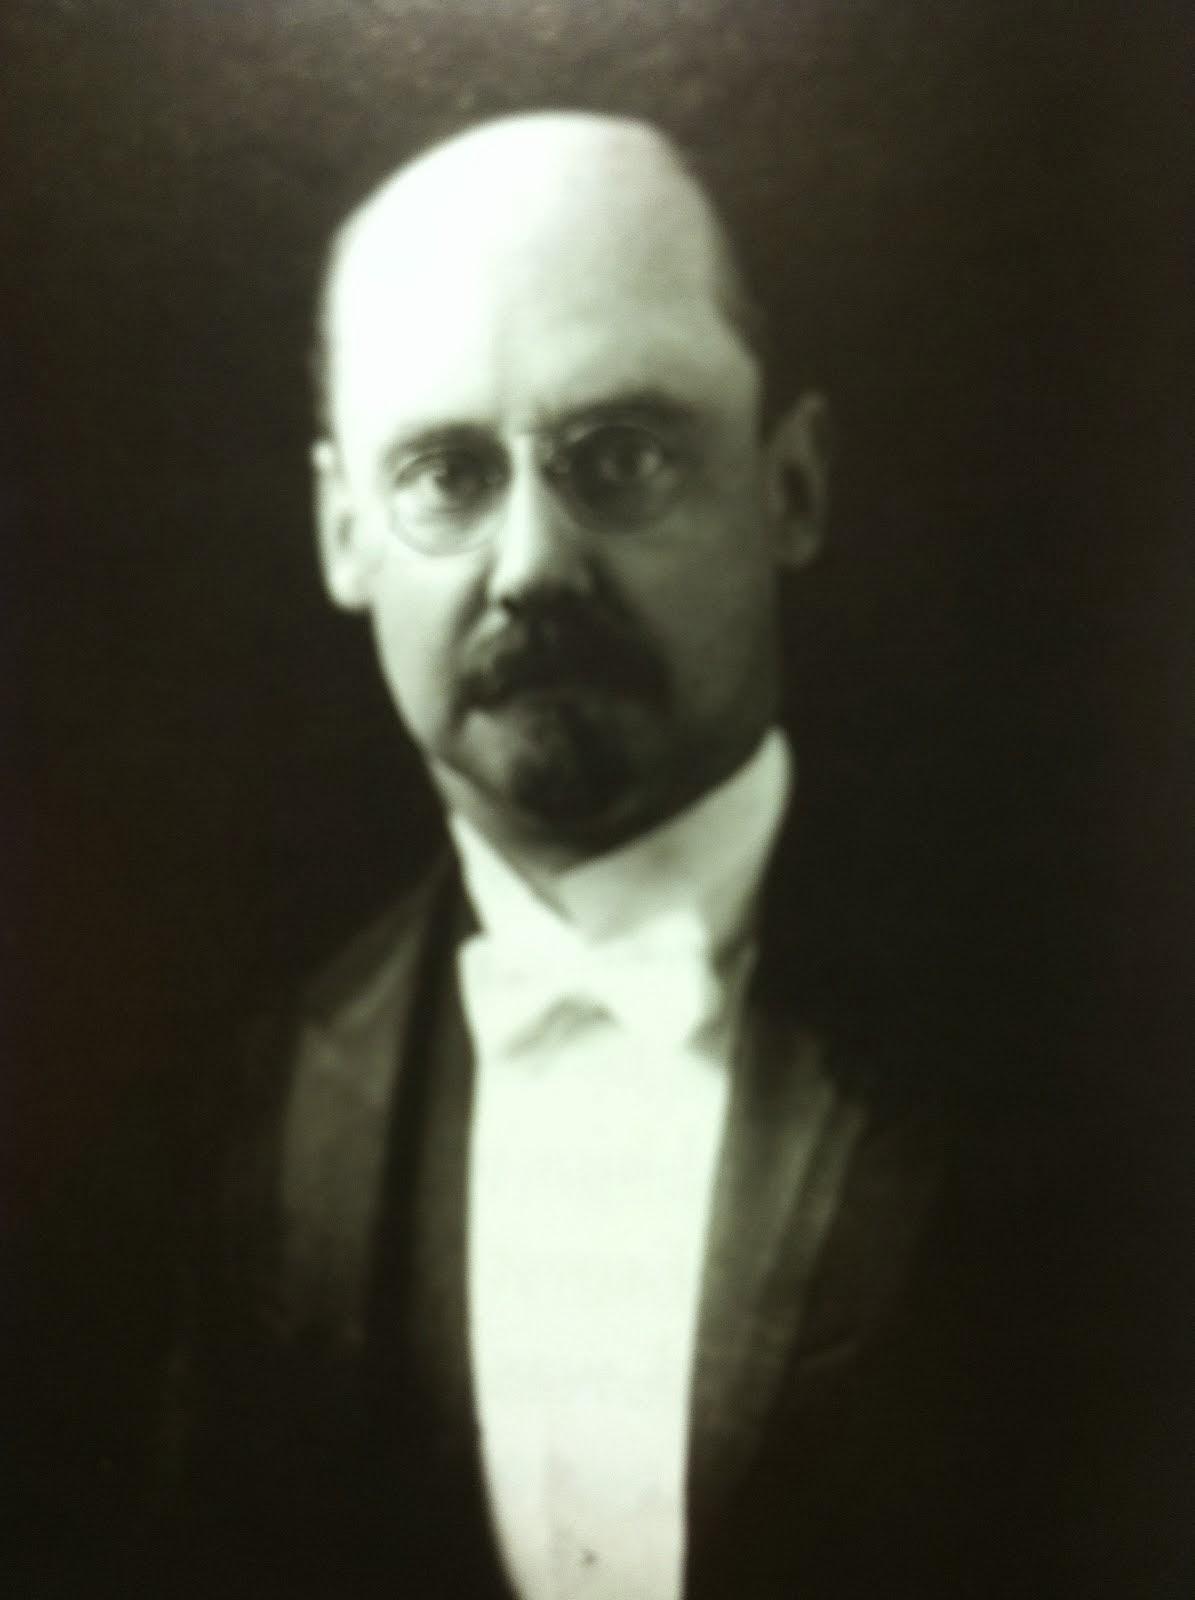 THOMAS C. WORTHINGTON III